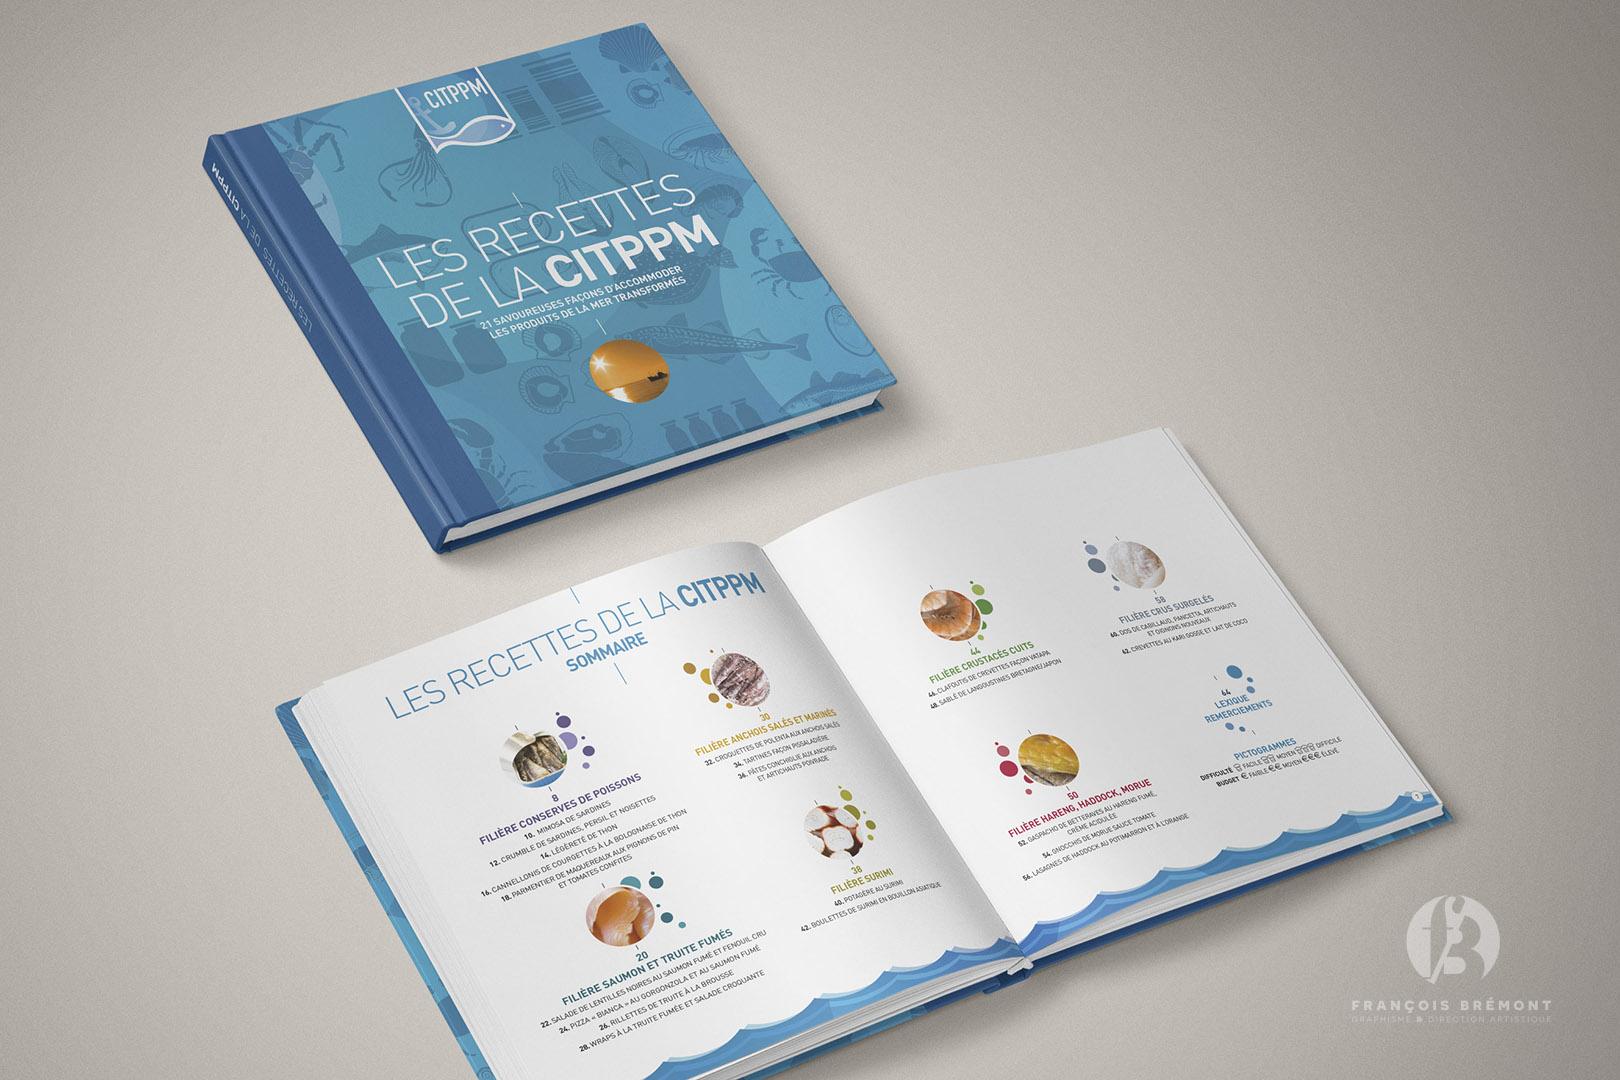 EDI_CITPPM_Book01